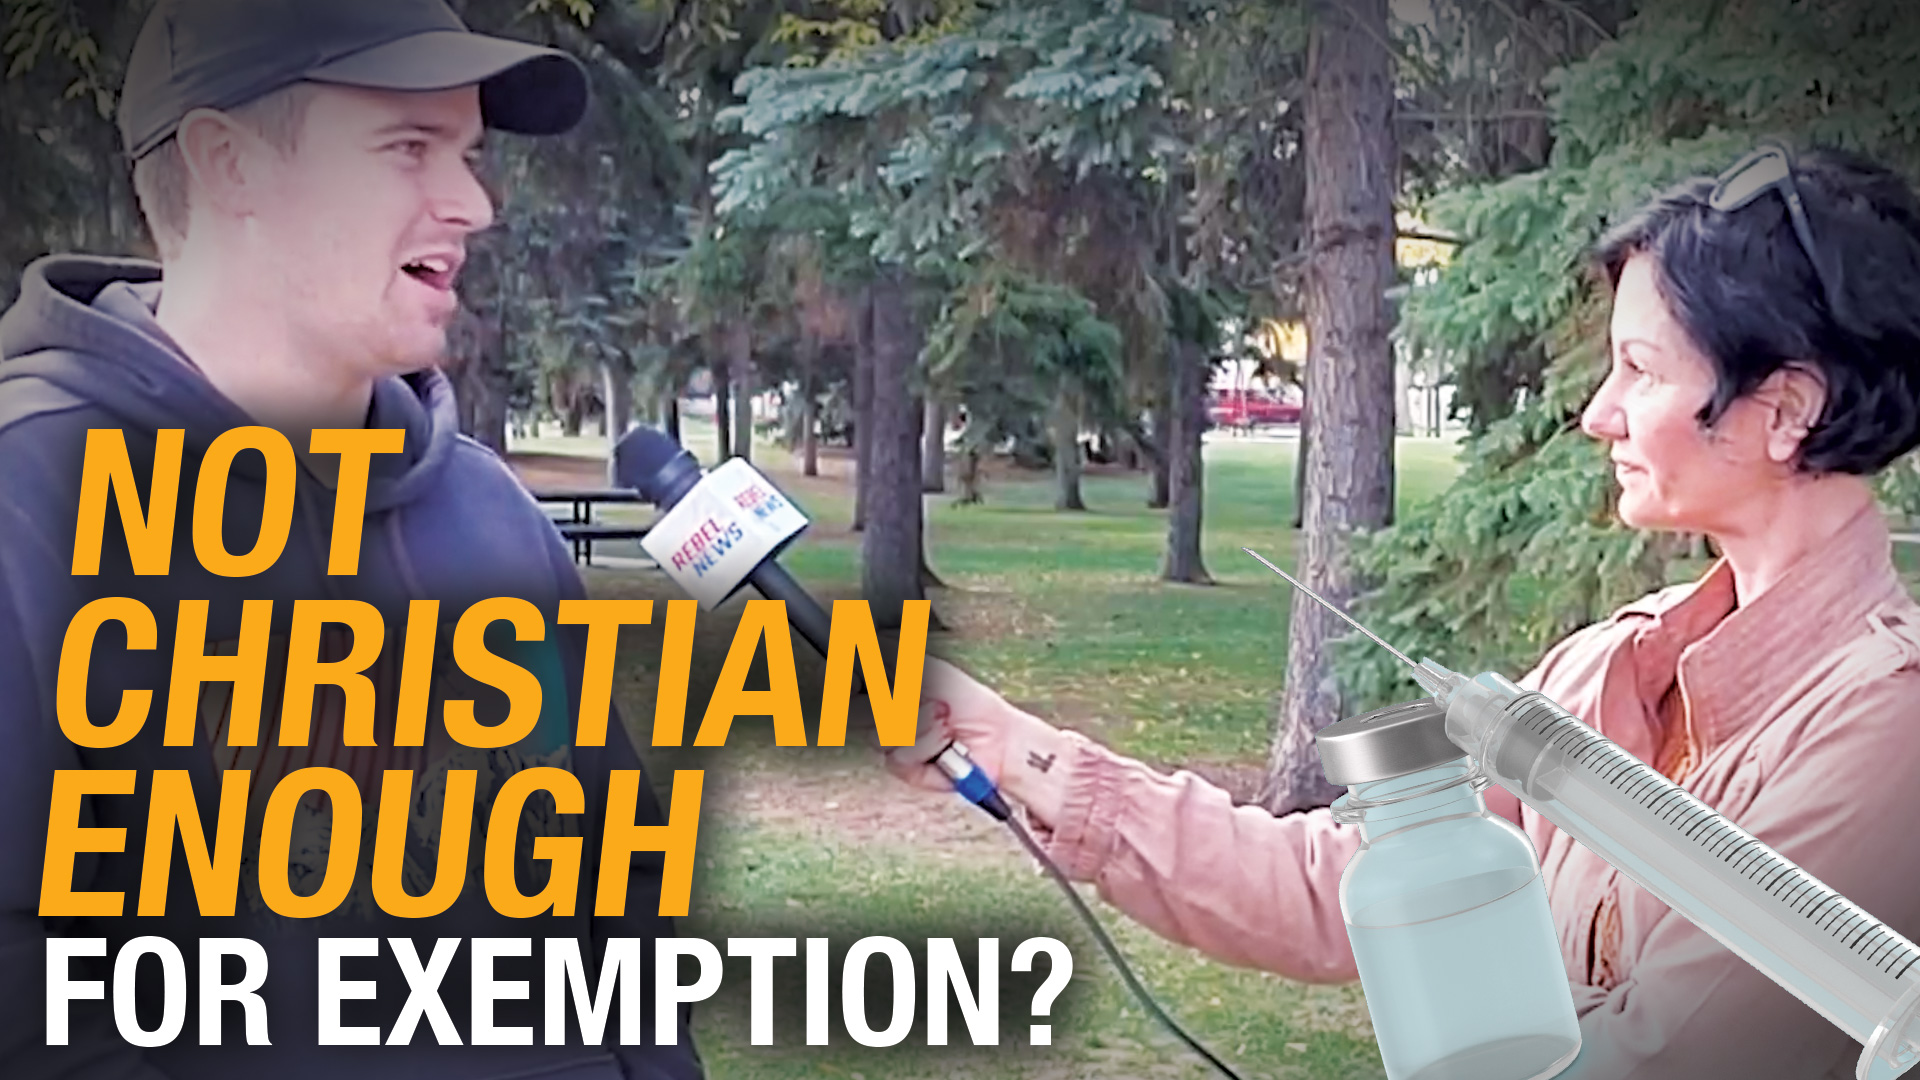 Edmonton university REFUSES to recognize student's religious exemption to vaccine mandate